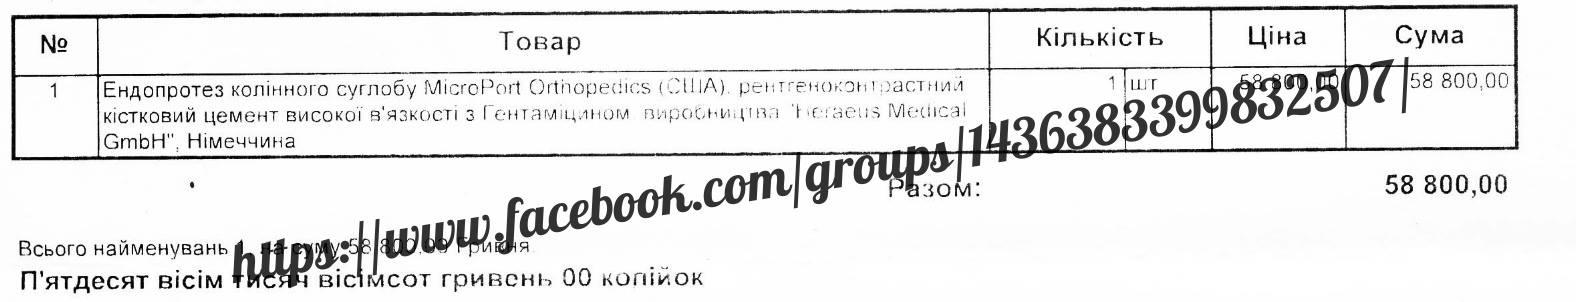 Друзья, родственники, одноклассники СШ №6 г.